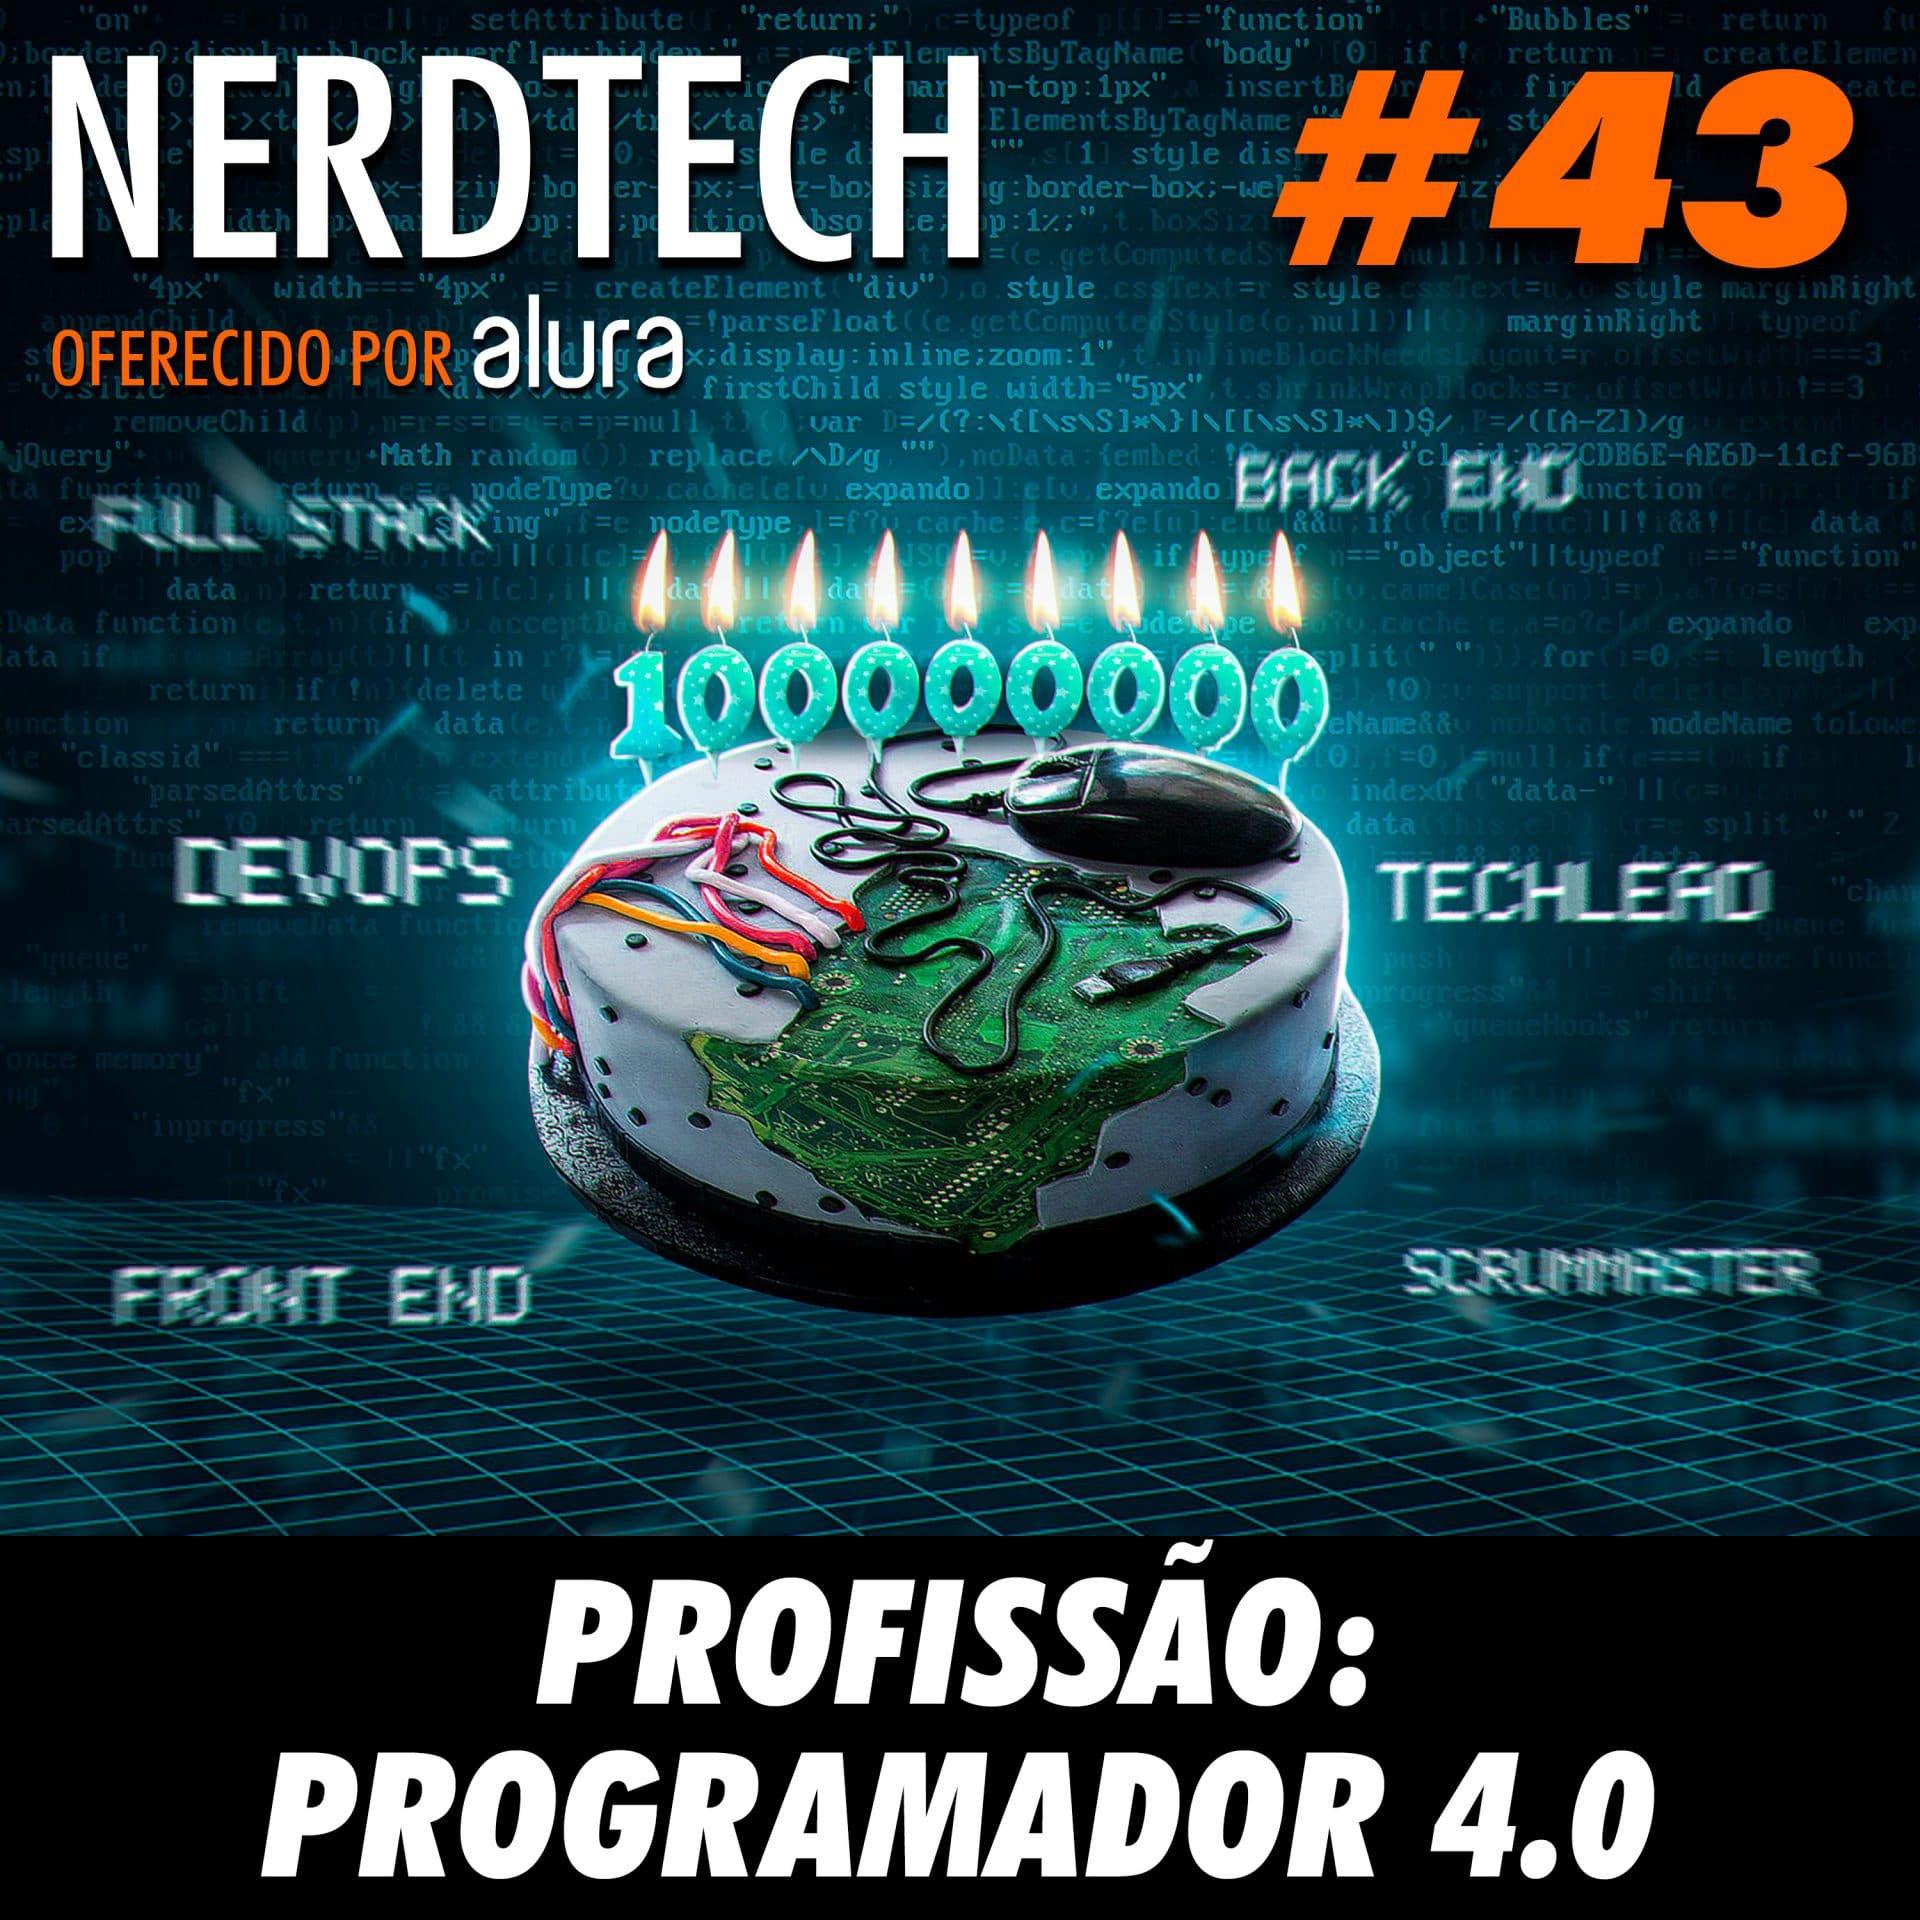 NerdTech 43 - Profissão: Programador 4.0